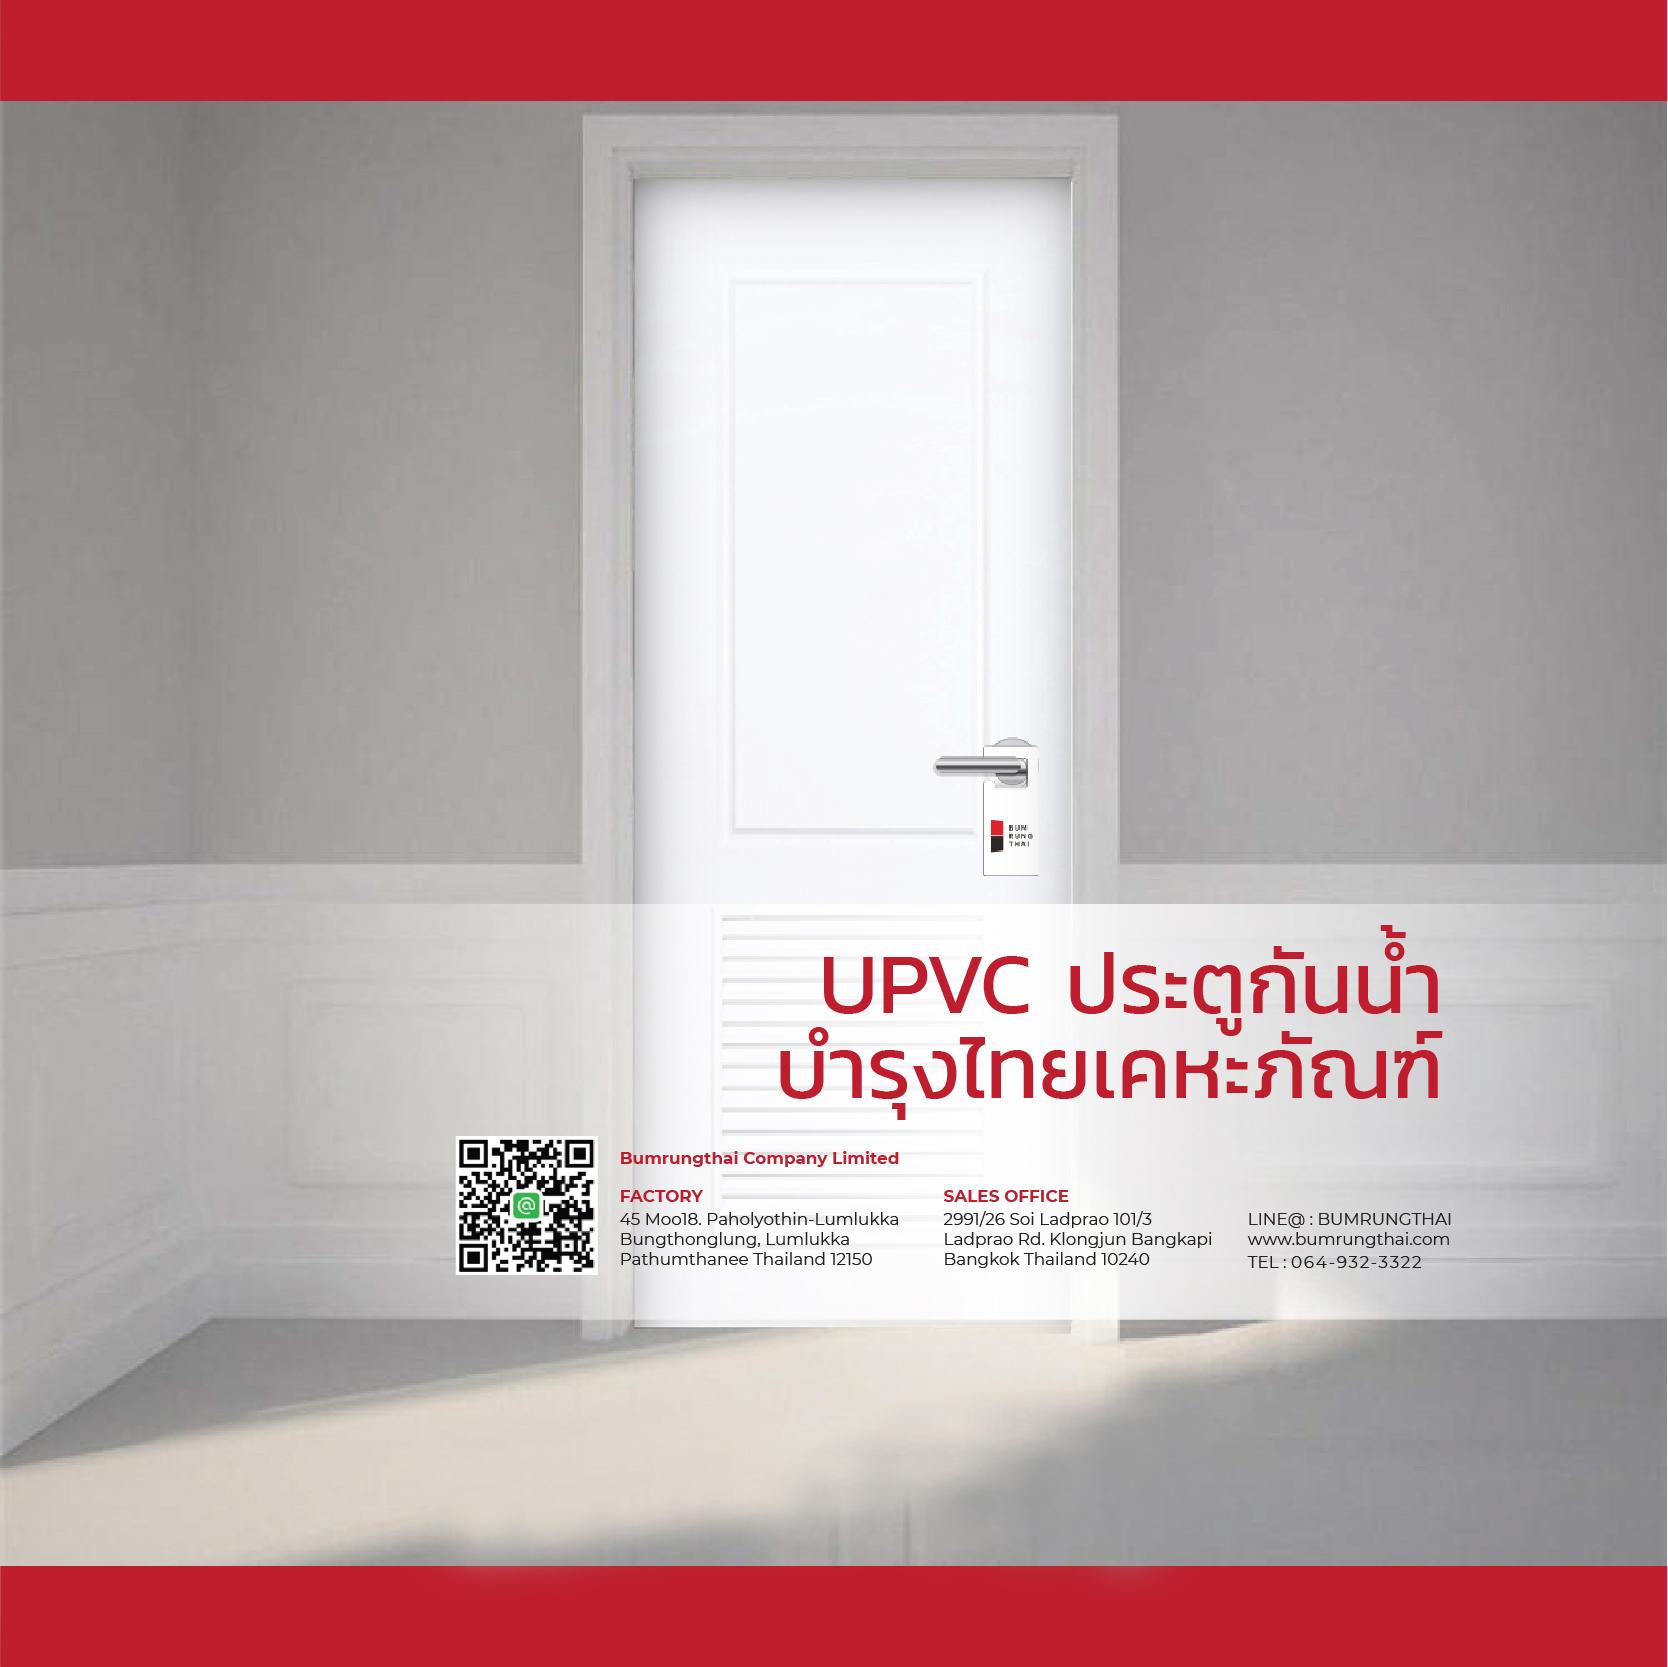 UPVC ประตูกันน้ำ | บำรุงไทยเคหะภัณฑ์